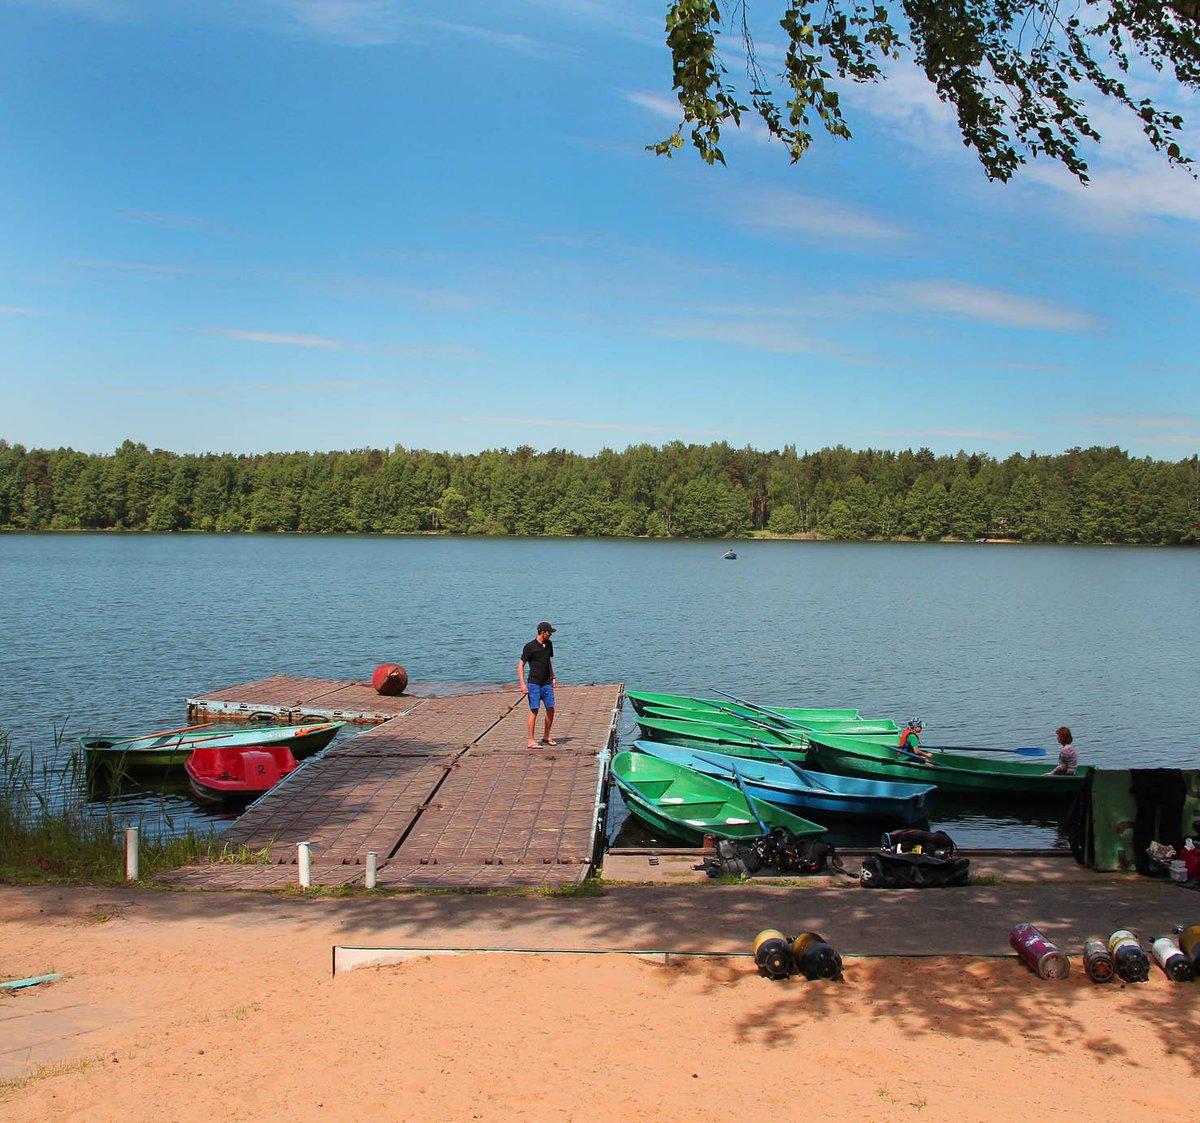 боровое озеро ногинский район фото смысла особого